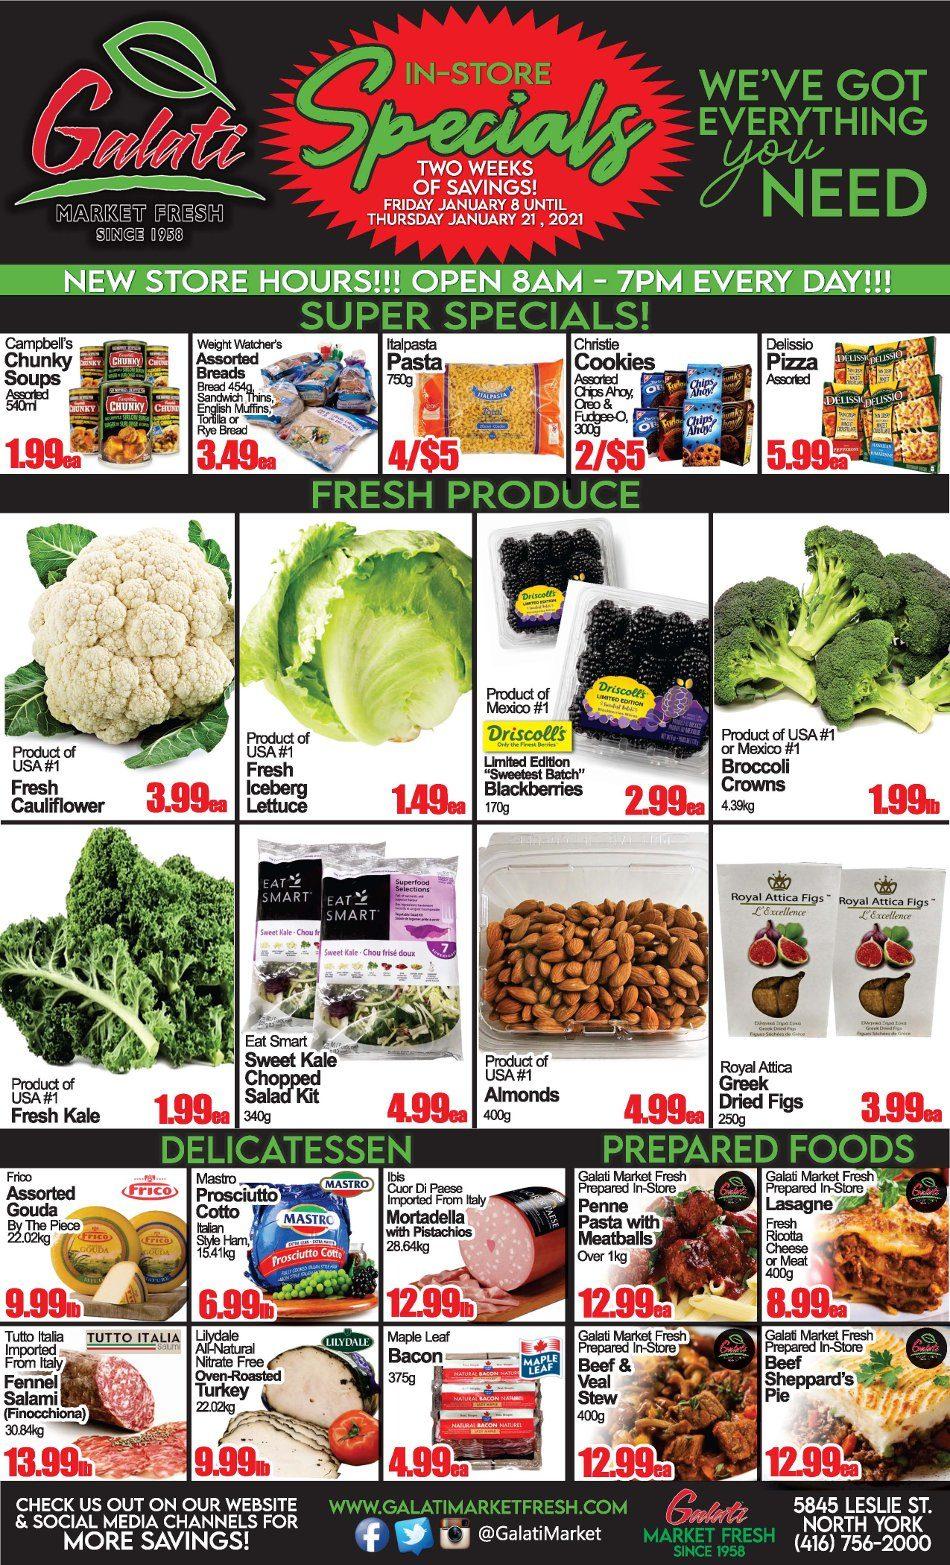 Galati Market Fresh - 2 Weeks of Savings